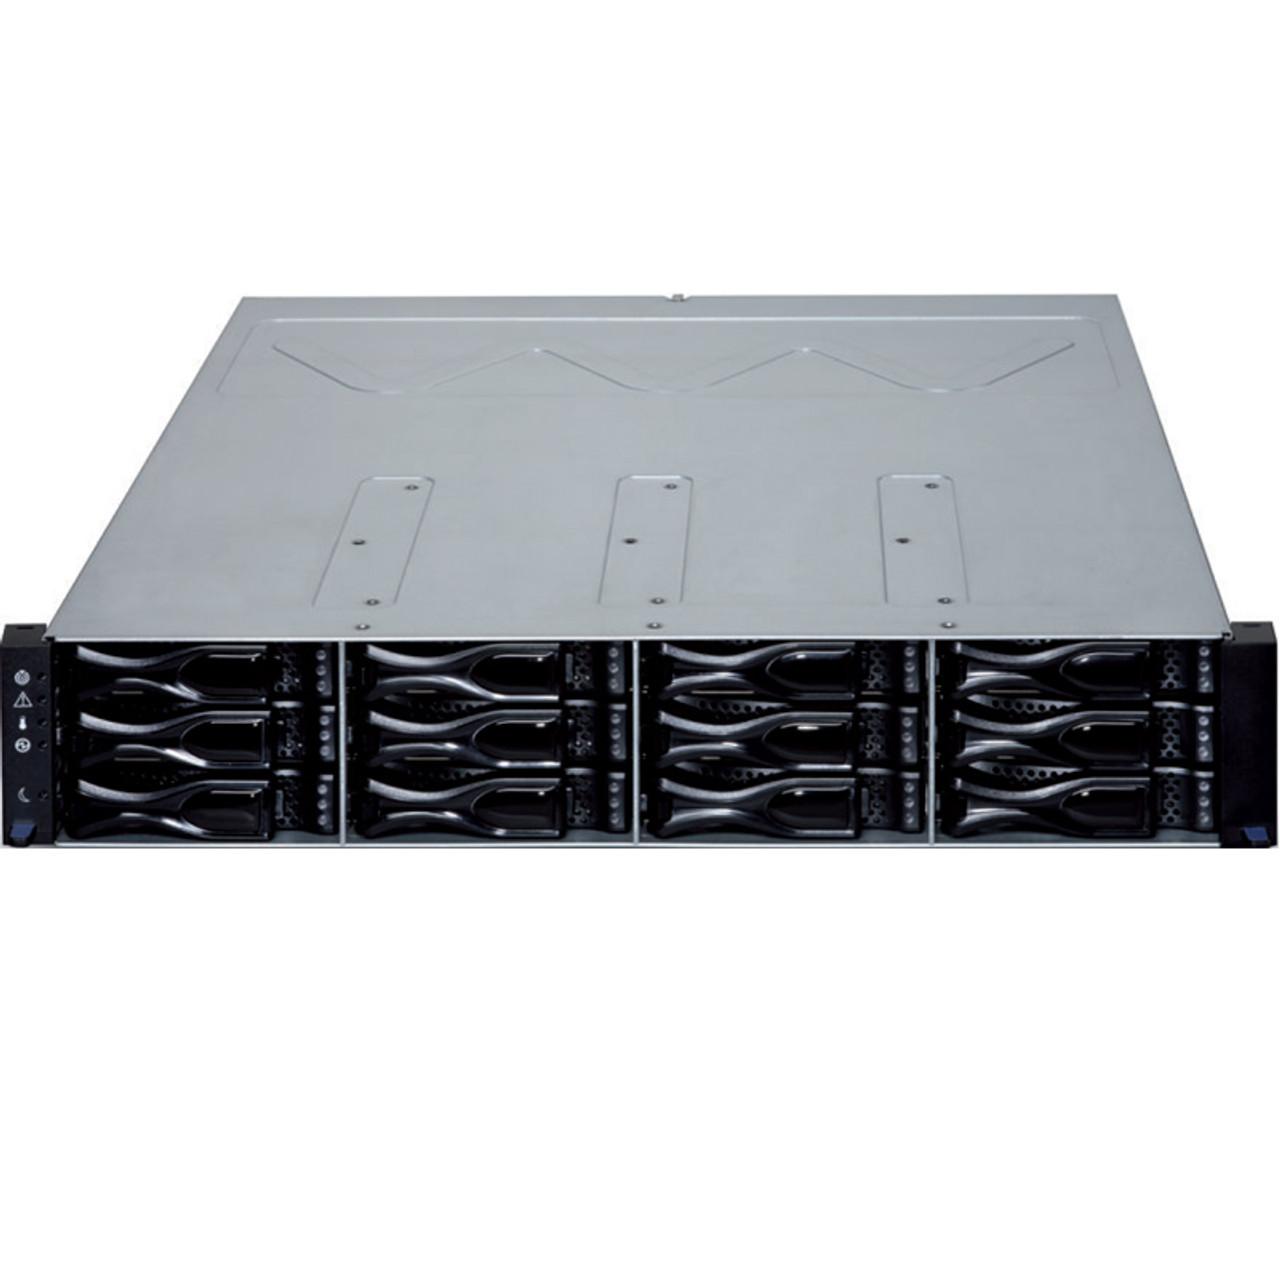 Bosch DSA-N2E6X2-12AT DSA E-Series Simplex Controller - 12x 2TB HDD